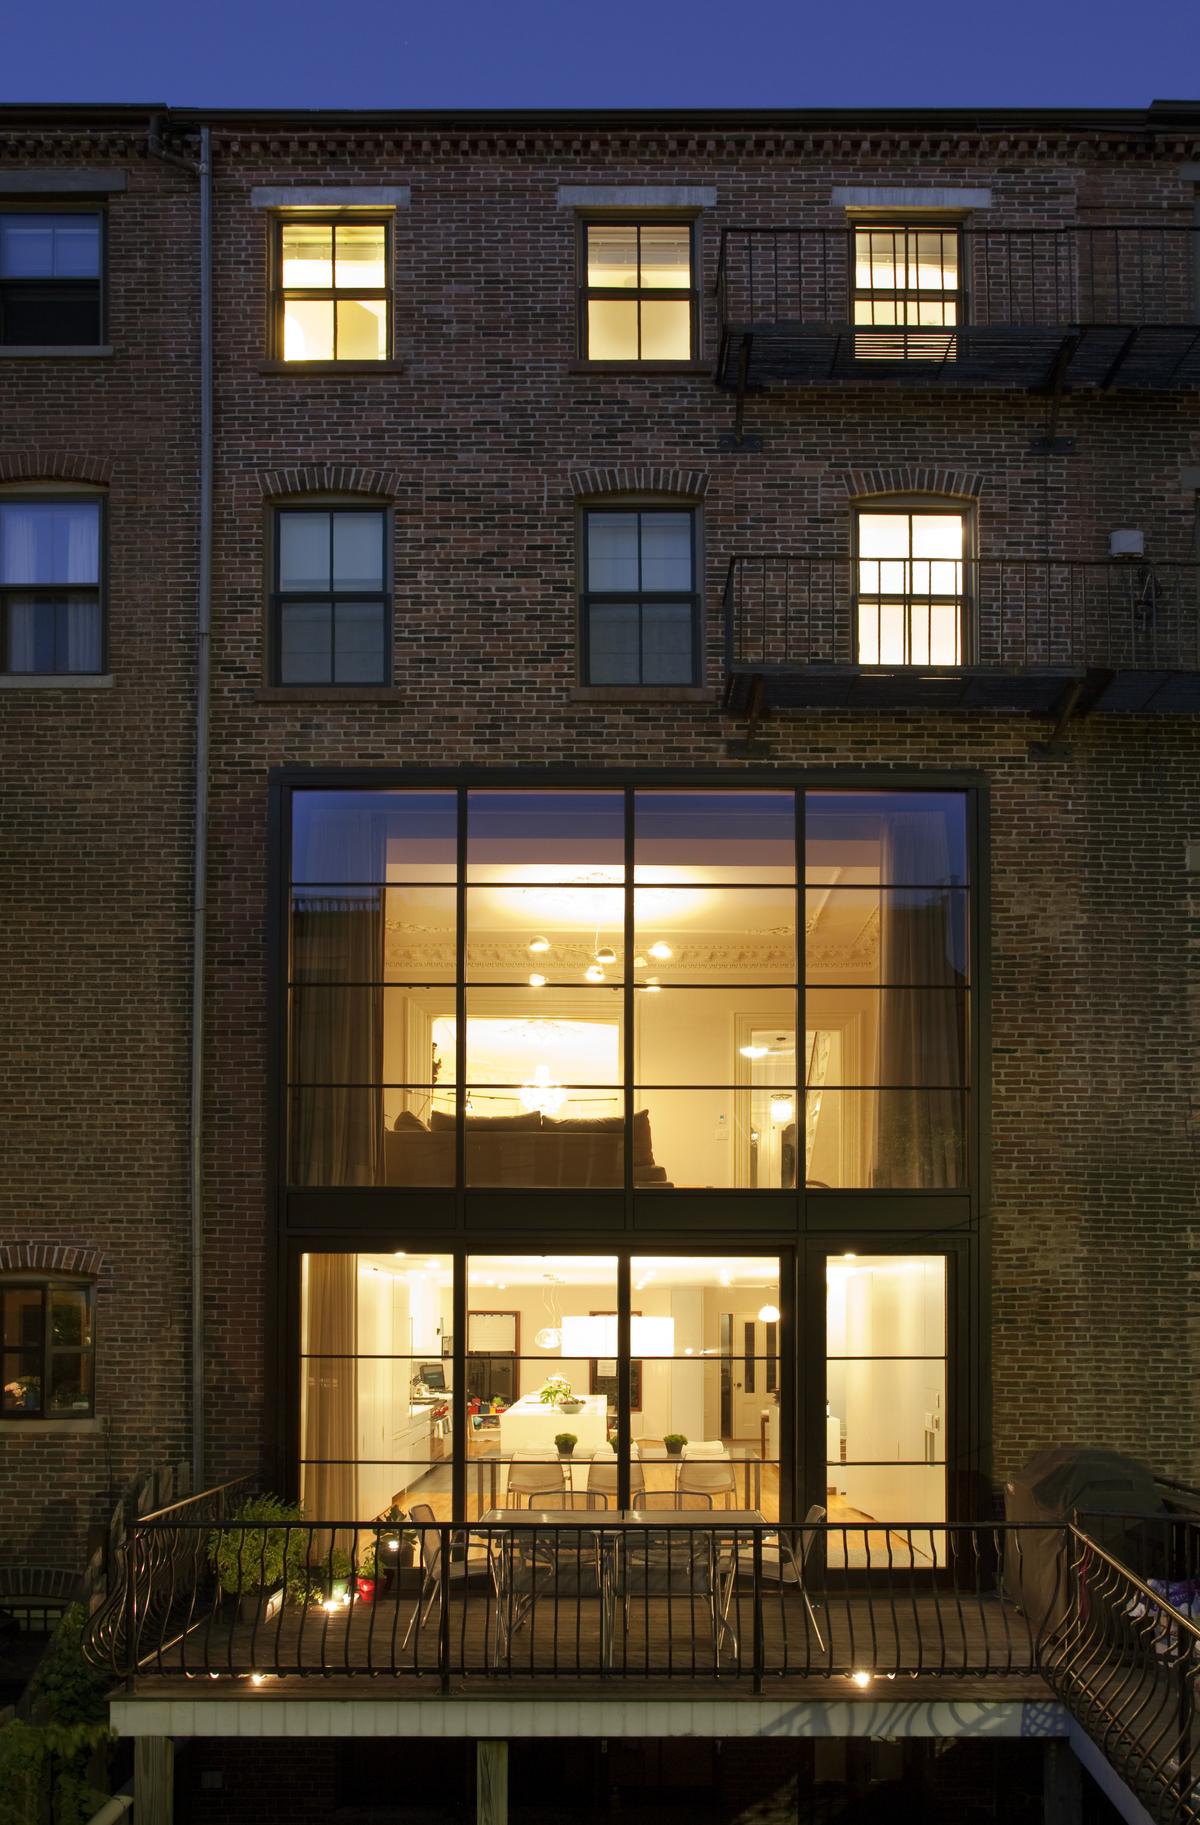 Rear facade and deck